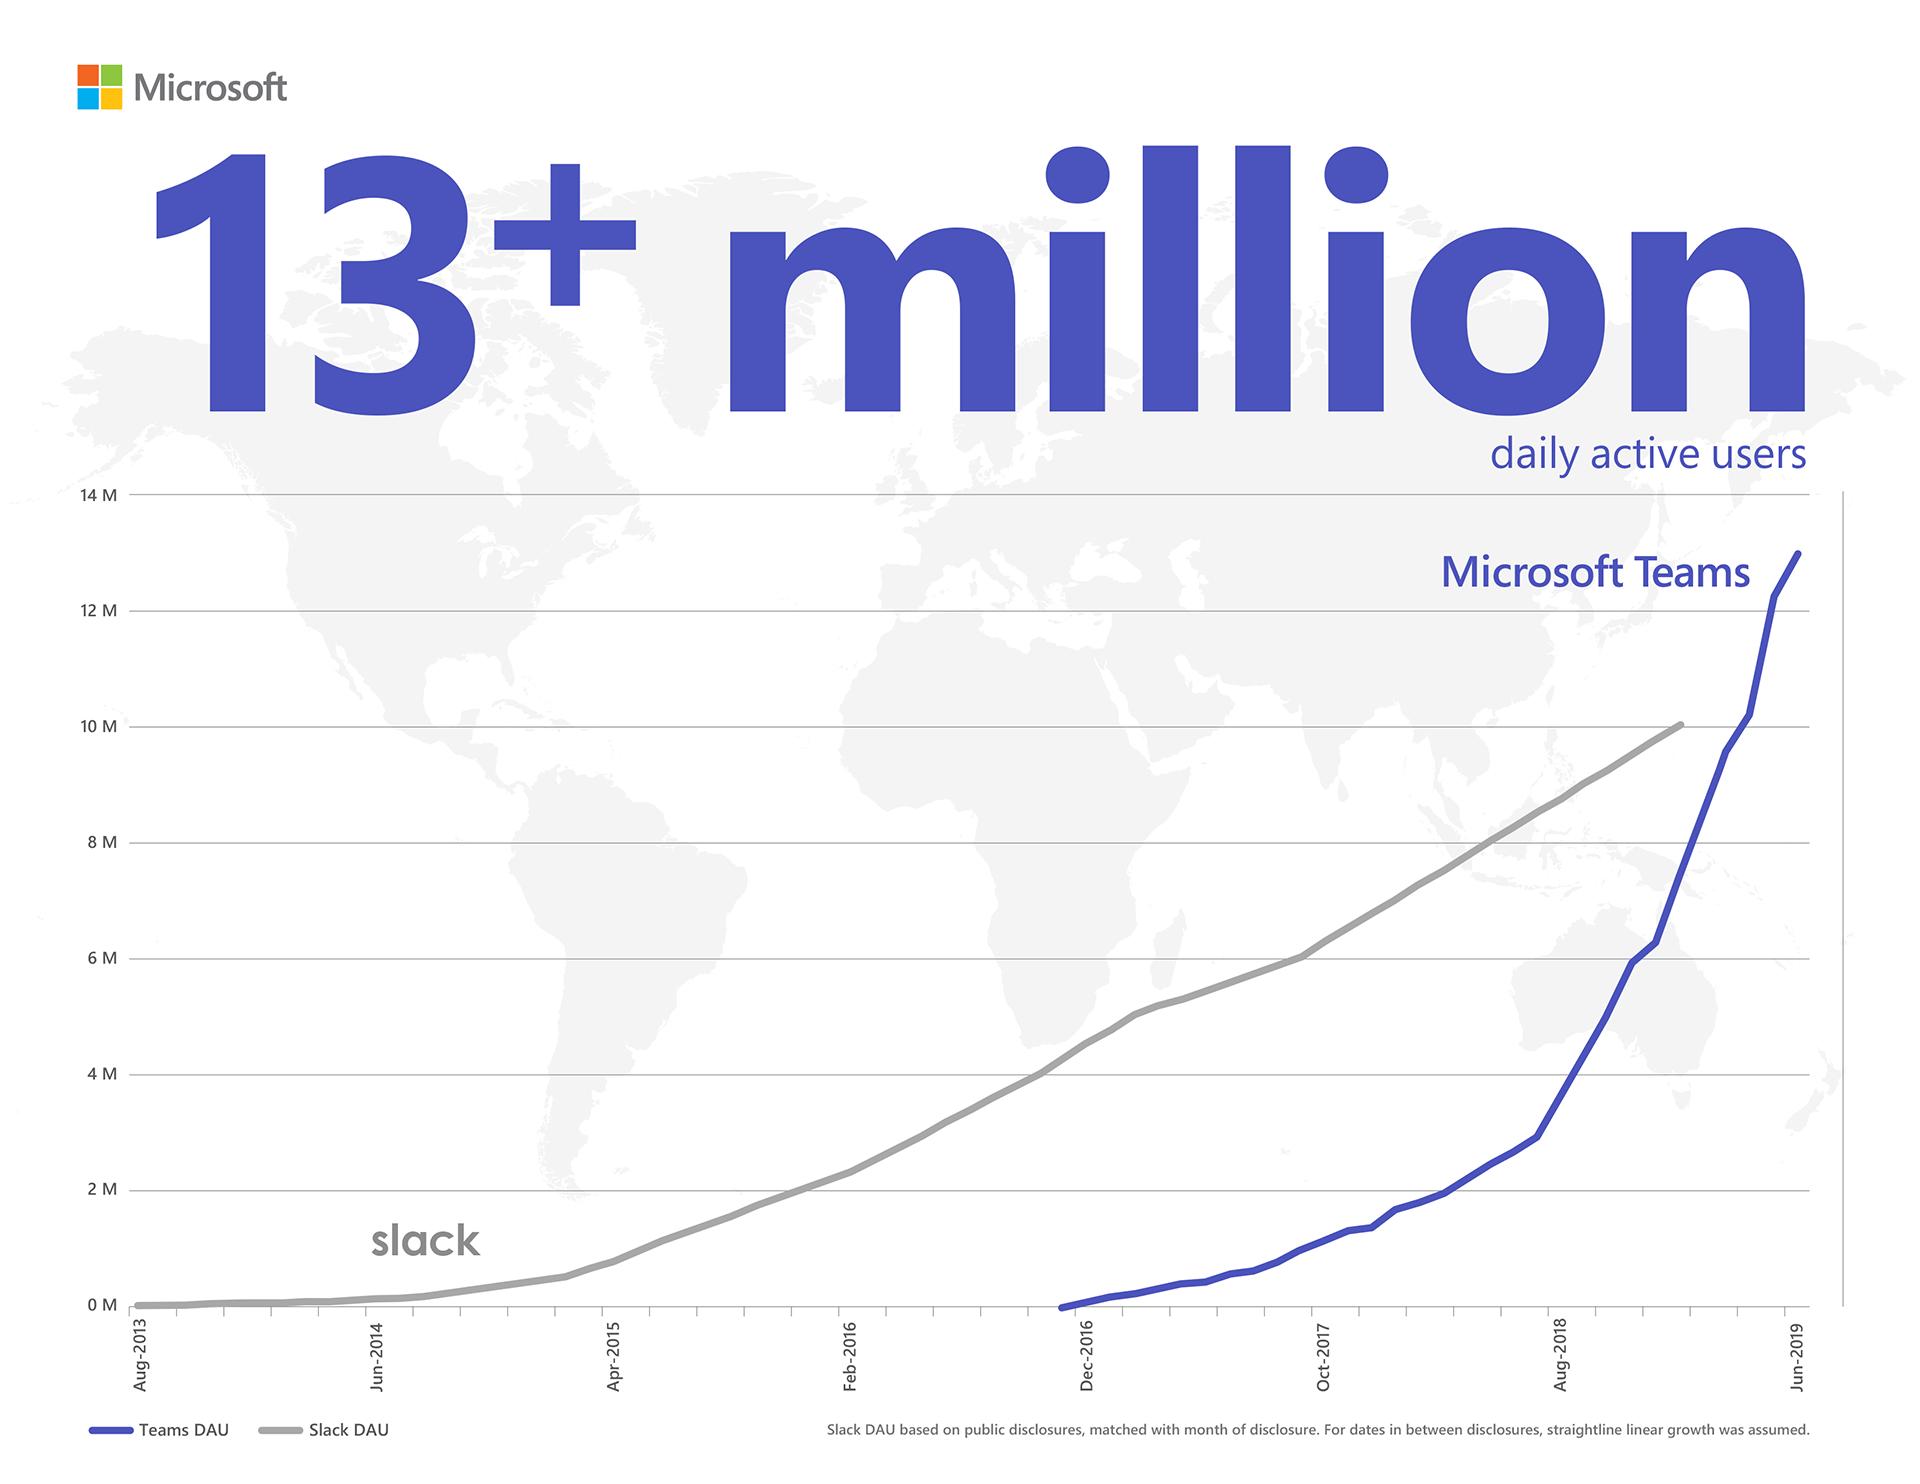 Microsoft Teams raggiunge 13 milioni di utenti attivi al giorno e introduce 4 nuove modalità per consentire ai team di lavorare meglio insieme